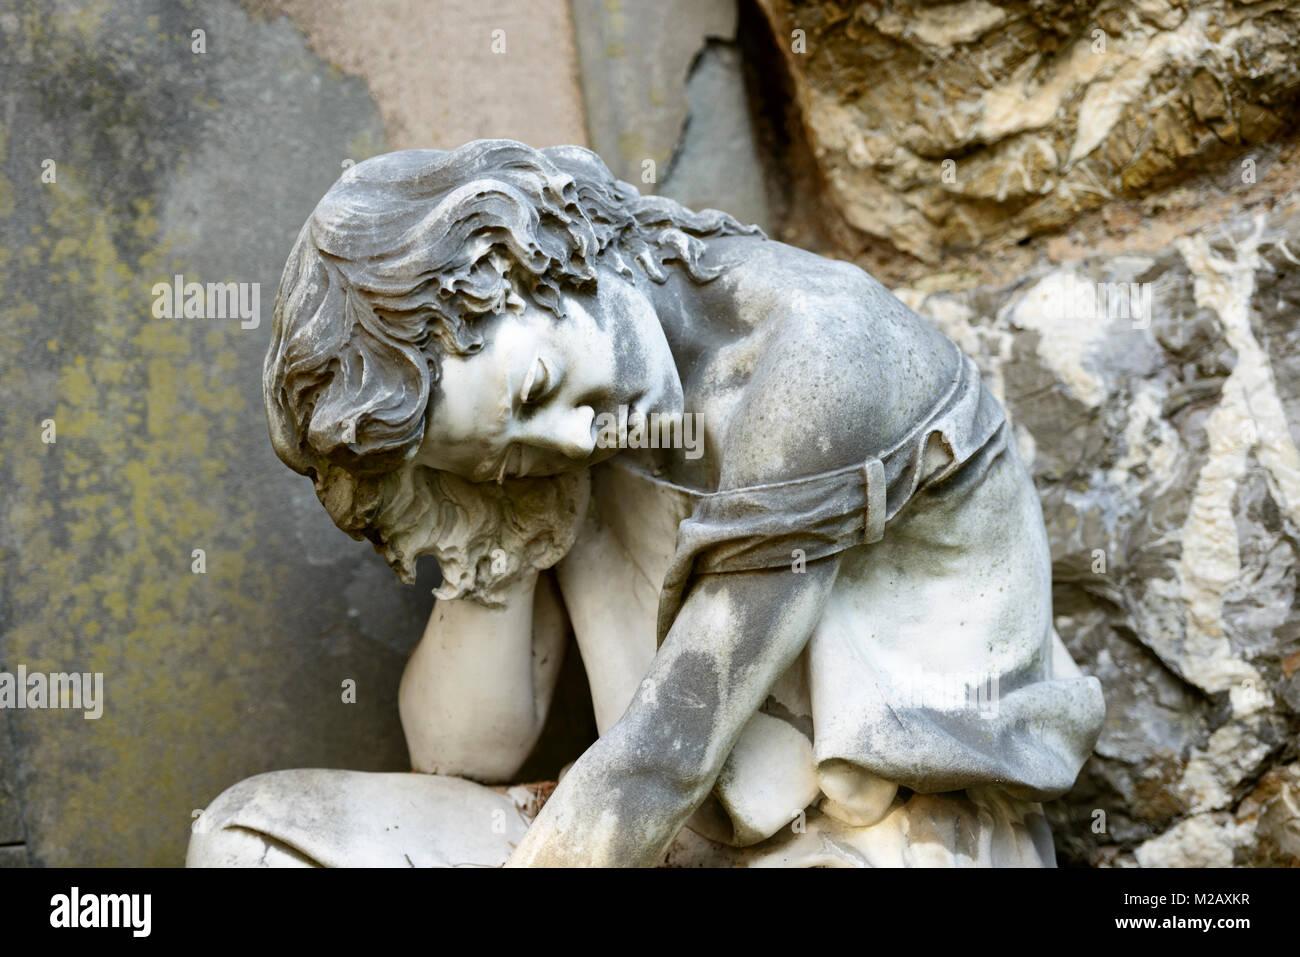 Stein Skulptur von leidenden Frau zu historischen monumentale Friedhof Staglieno in der Stadt, im Winter Licht in Stockbild